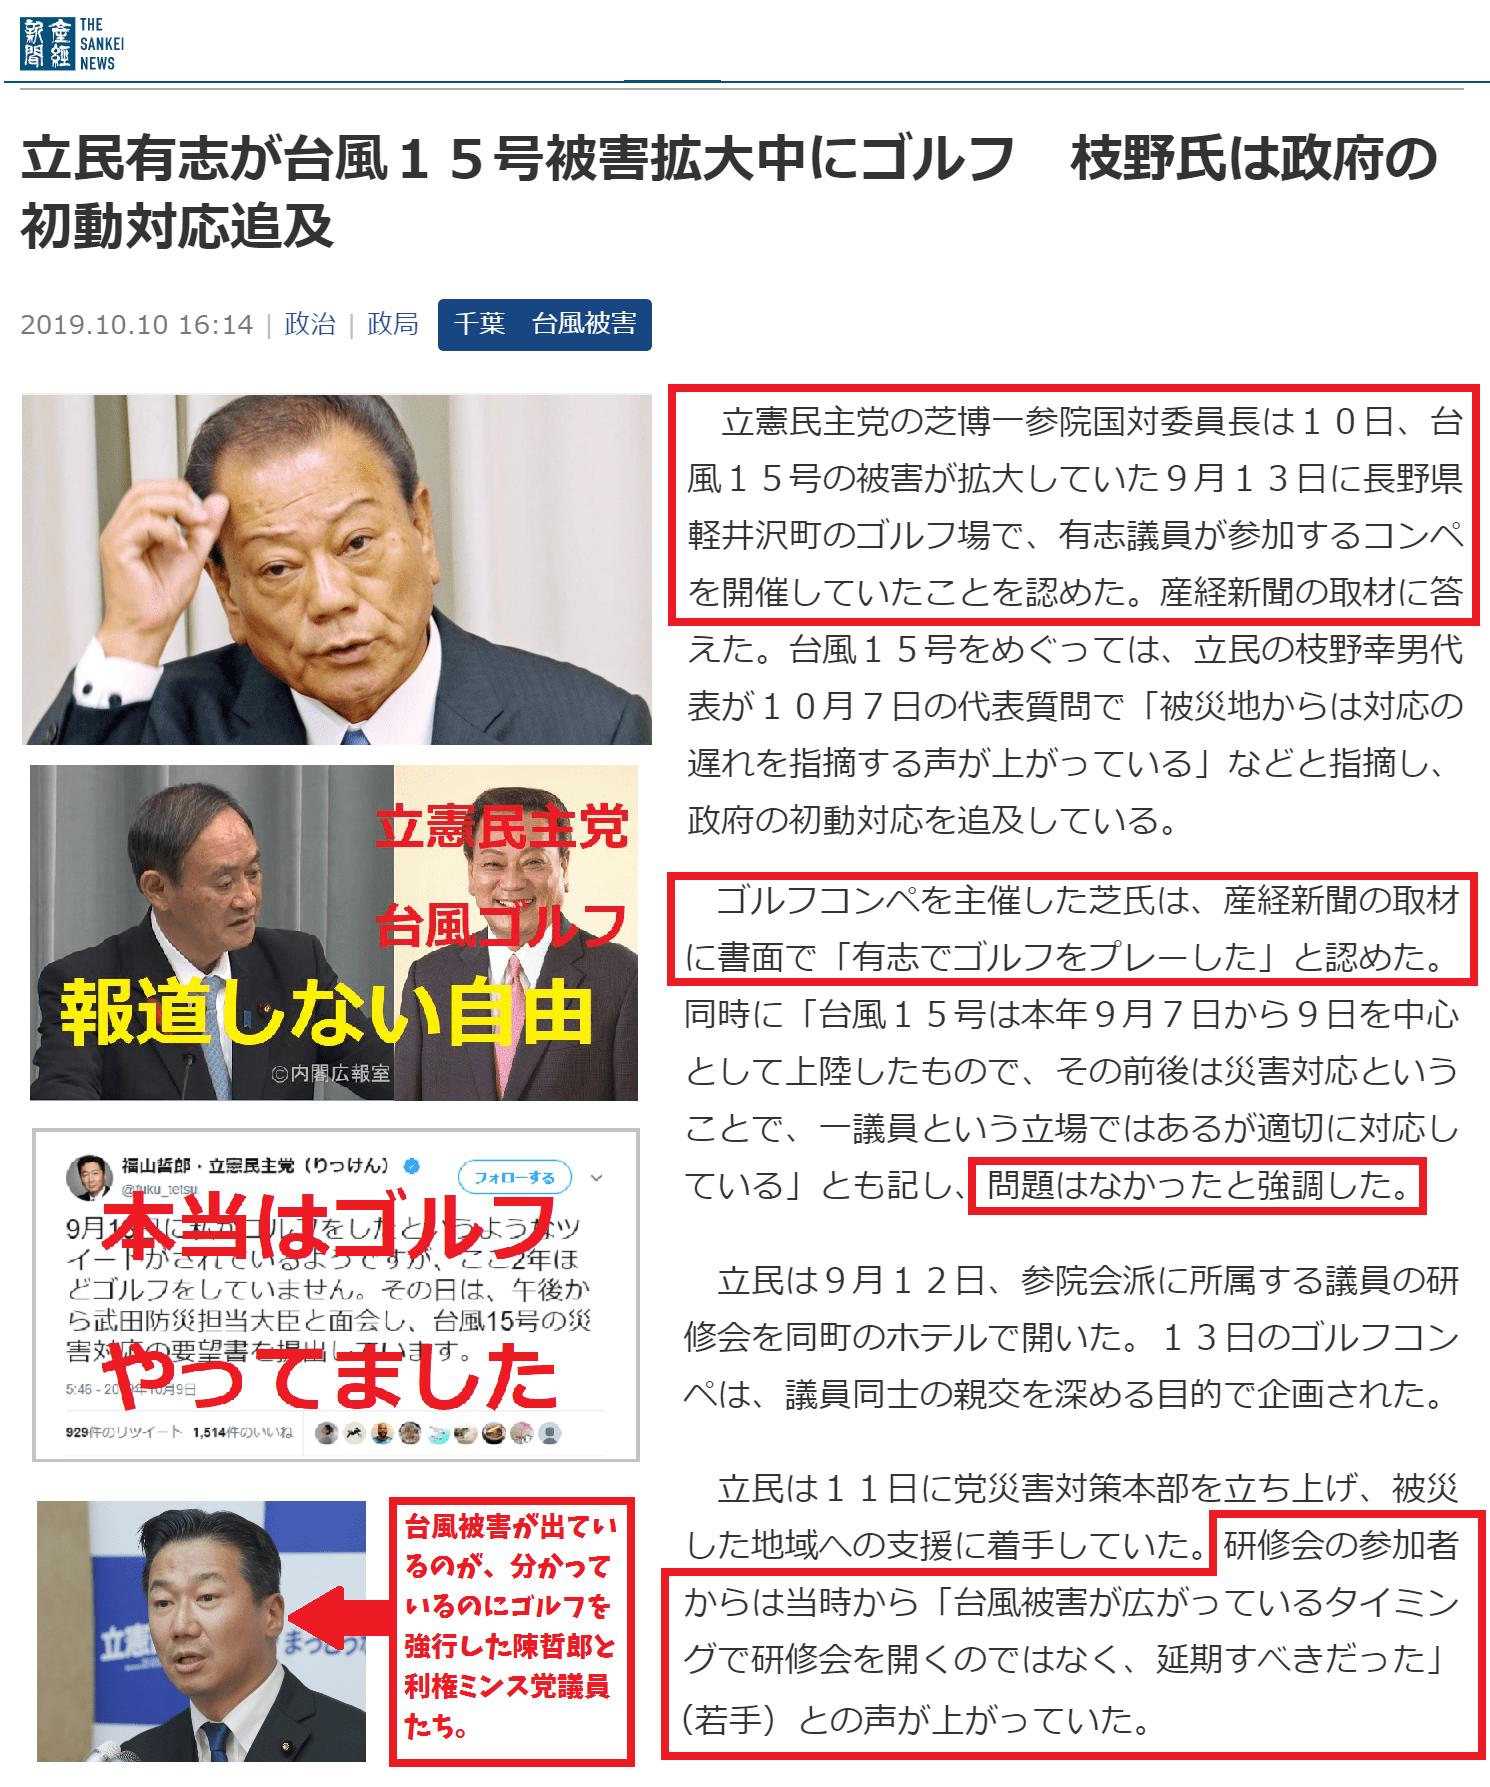 陳哲郎ら利権ミンス党議員が台風被害が出ているのにゴルフ遊びを強行